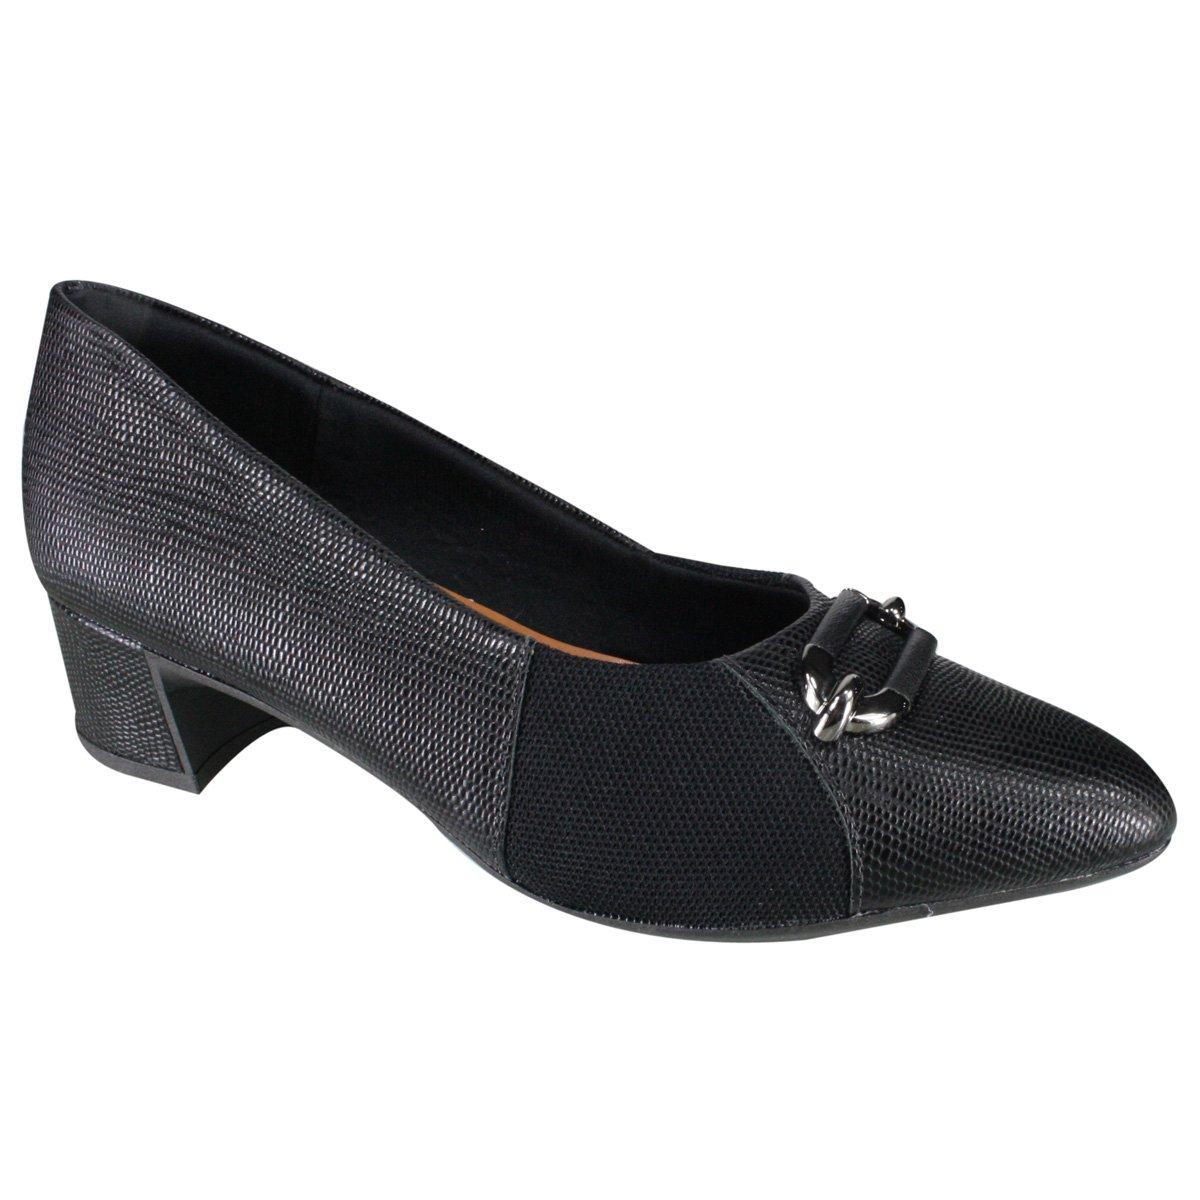 c0bbbb7f4 Sapato Usaflex Care Joanetes Y7306/50 - Preto (Caprina) - Calçados ...